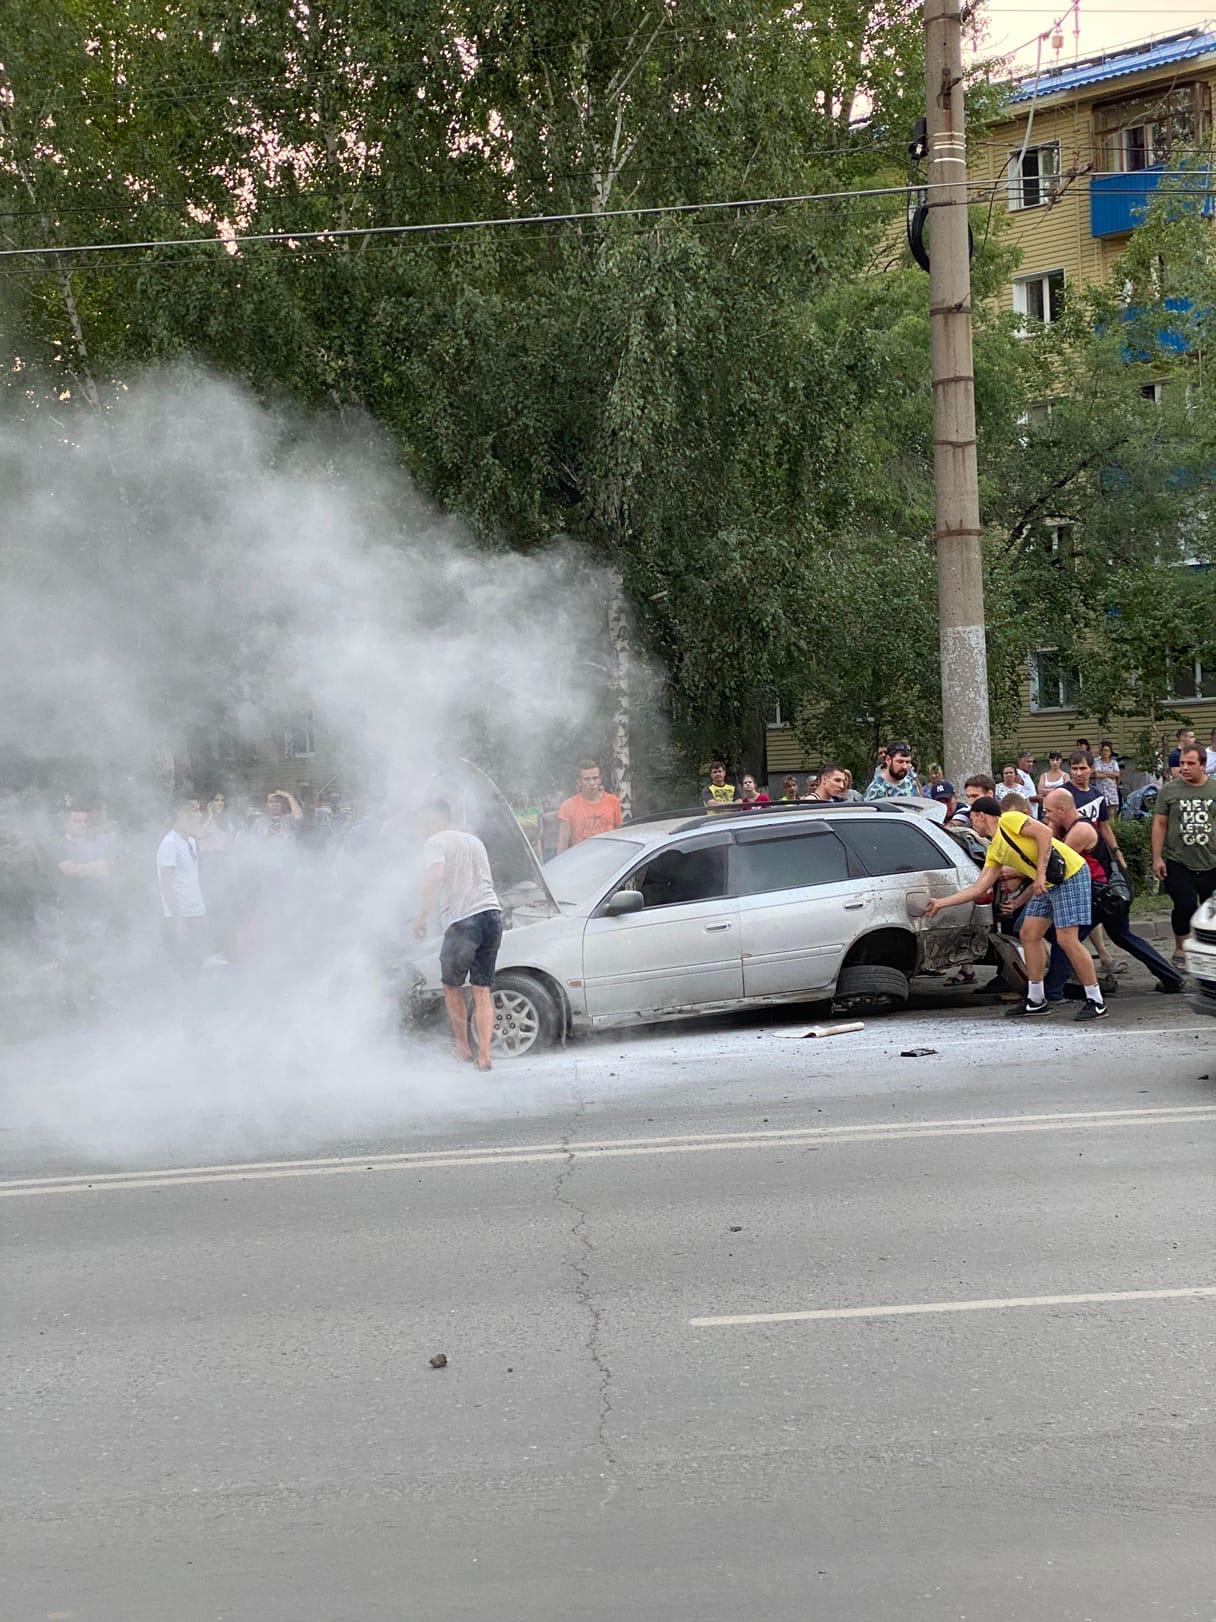 В Омске иномарка врезалась в столб и загорелась #Новости #Общество #Омск